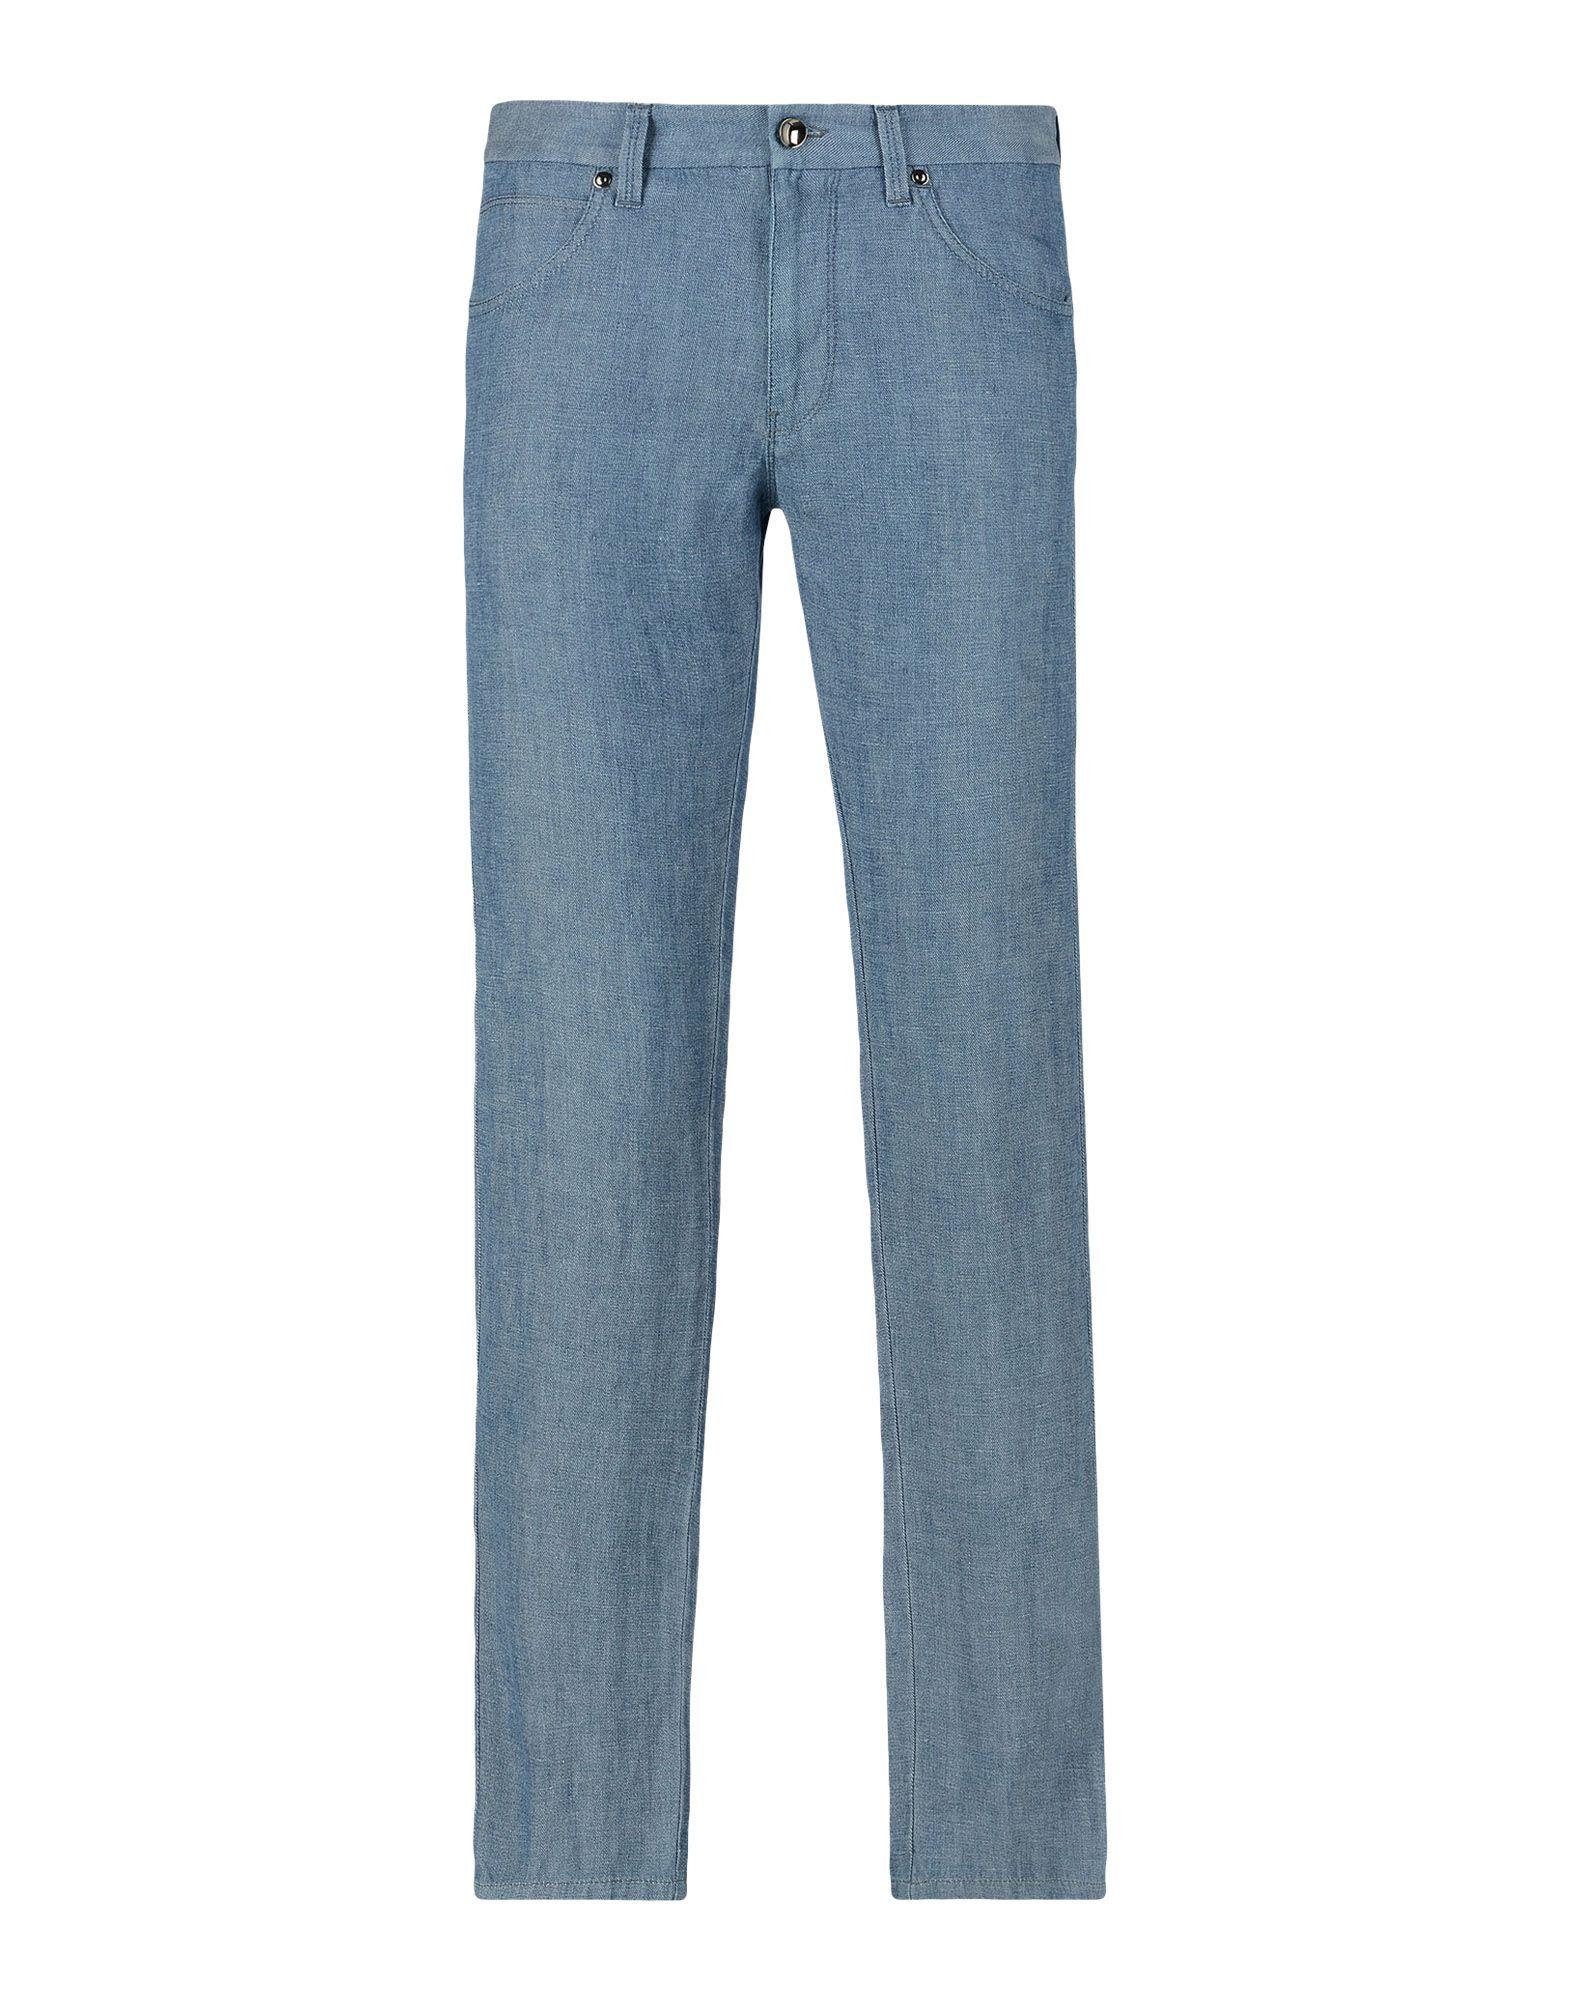 Pantaloni Jeans Giorgio Armani Uomo - Acquista online su